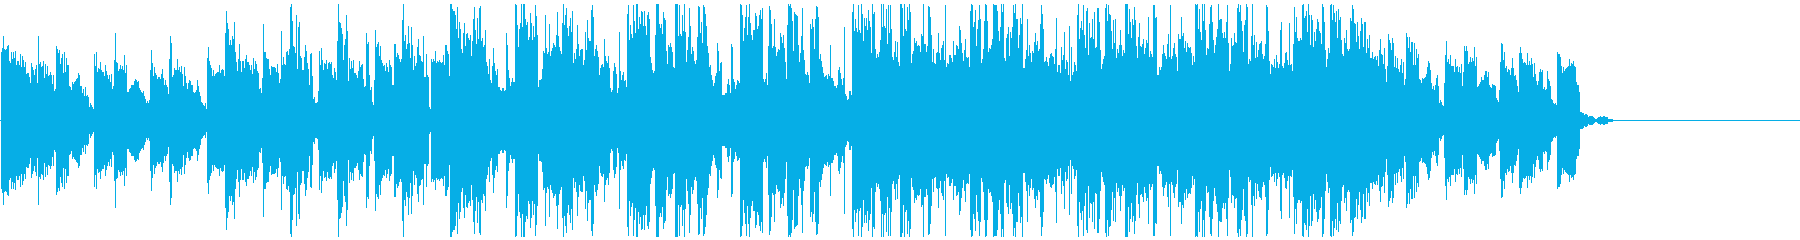 ジングル、CMなどの映像BGMにの再生済みの波形